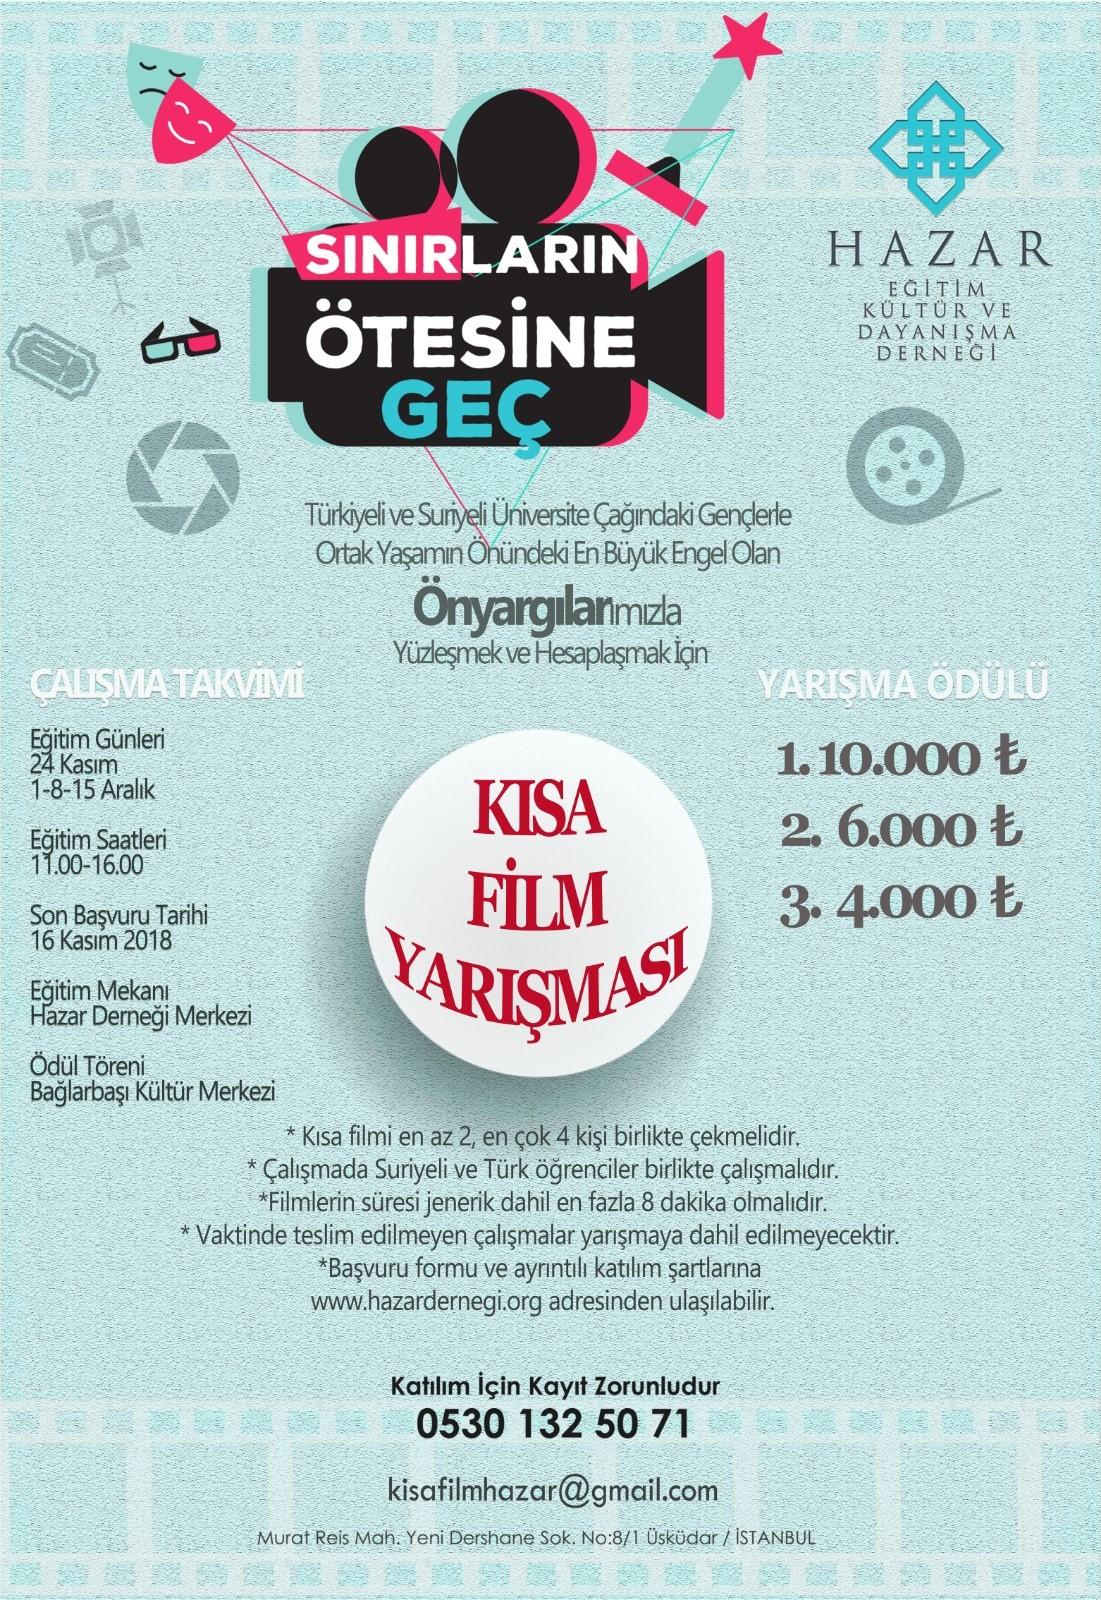 إعلان المسابقة (وقف هازار التركي)